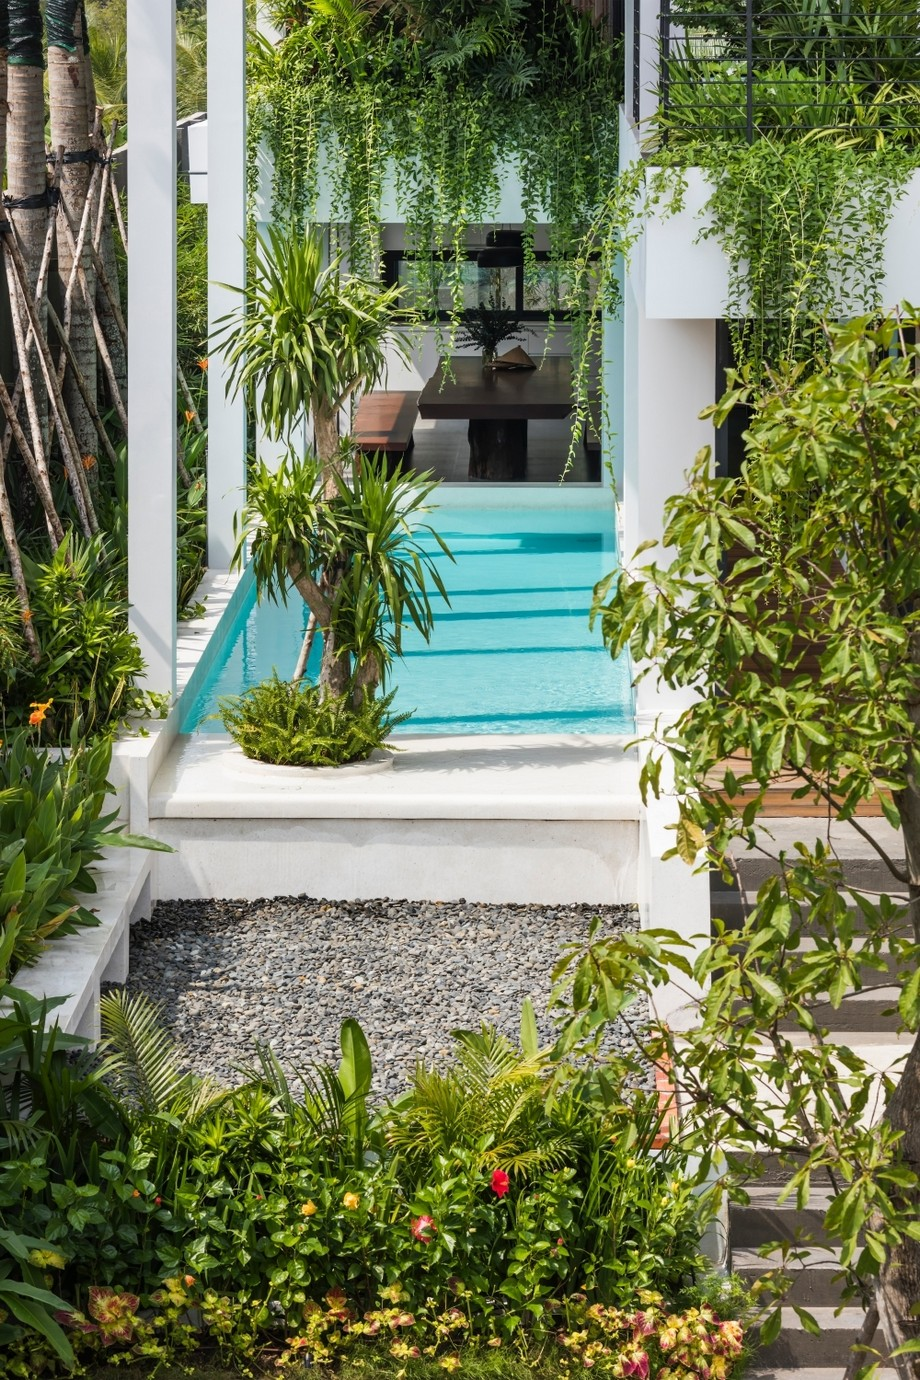 Thiết kế bể bơi trong nhà với hồ nước trong xanh